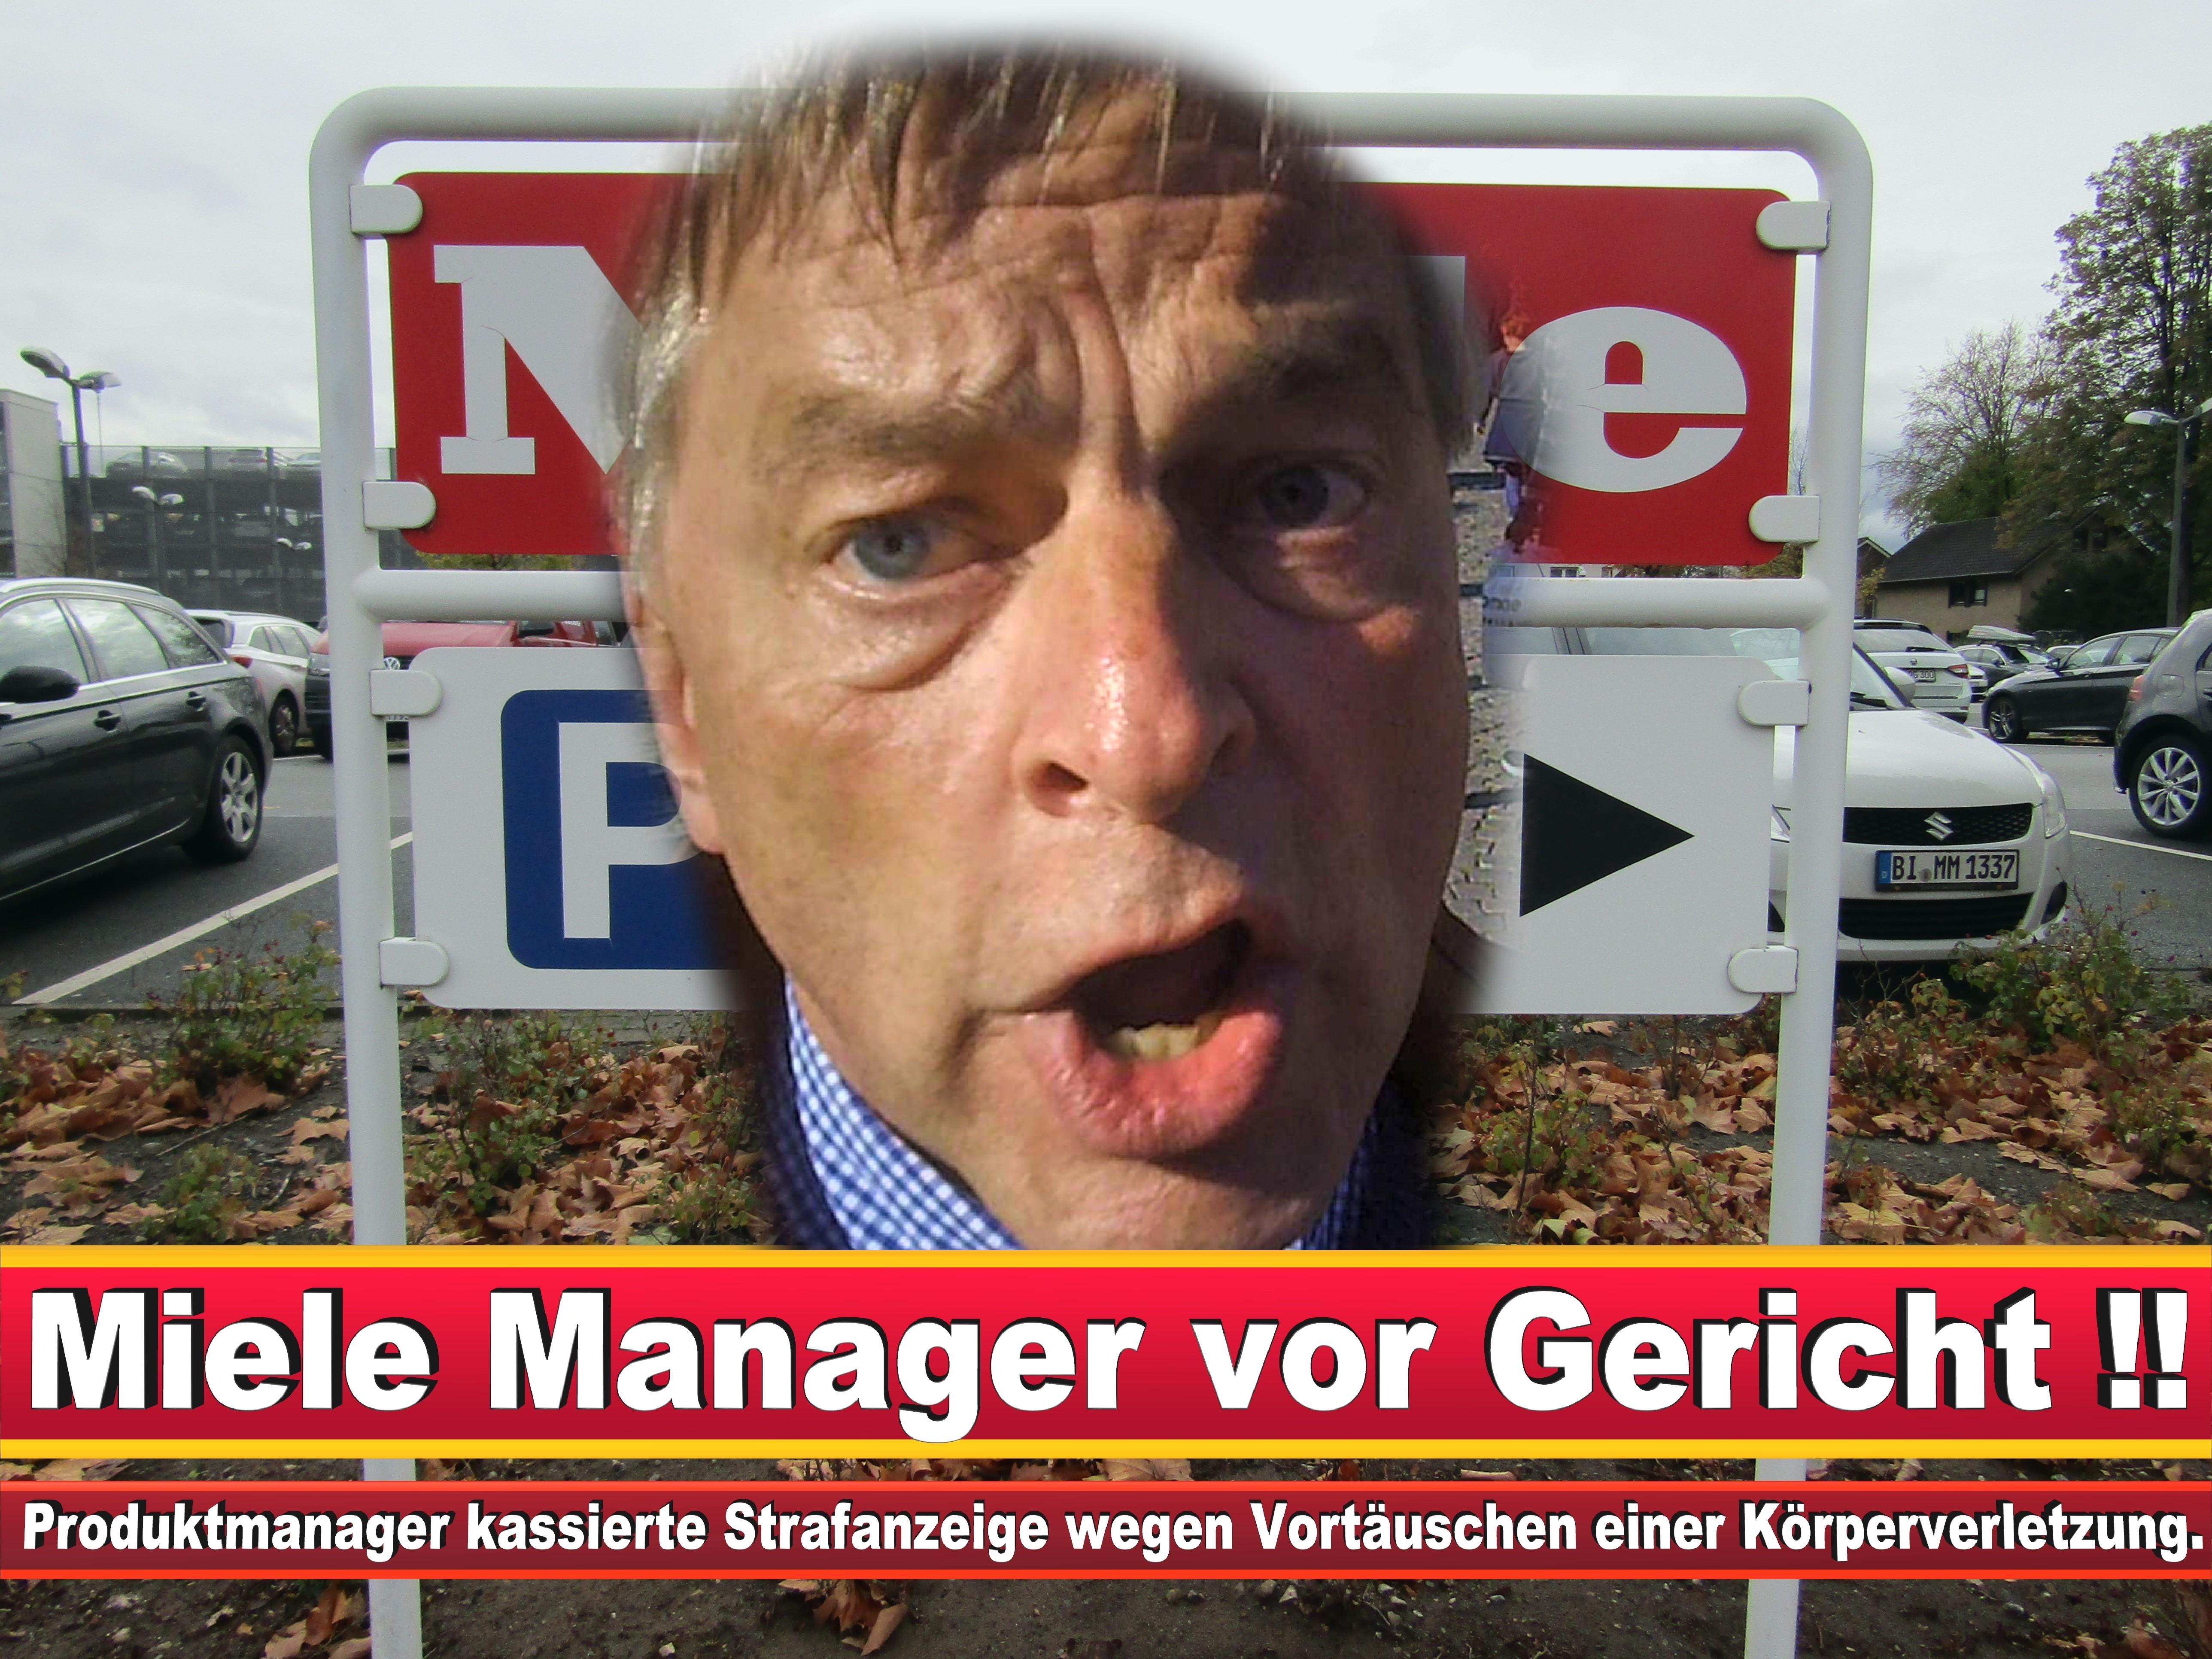 MIELE TROCKNER FEHLER